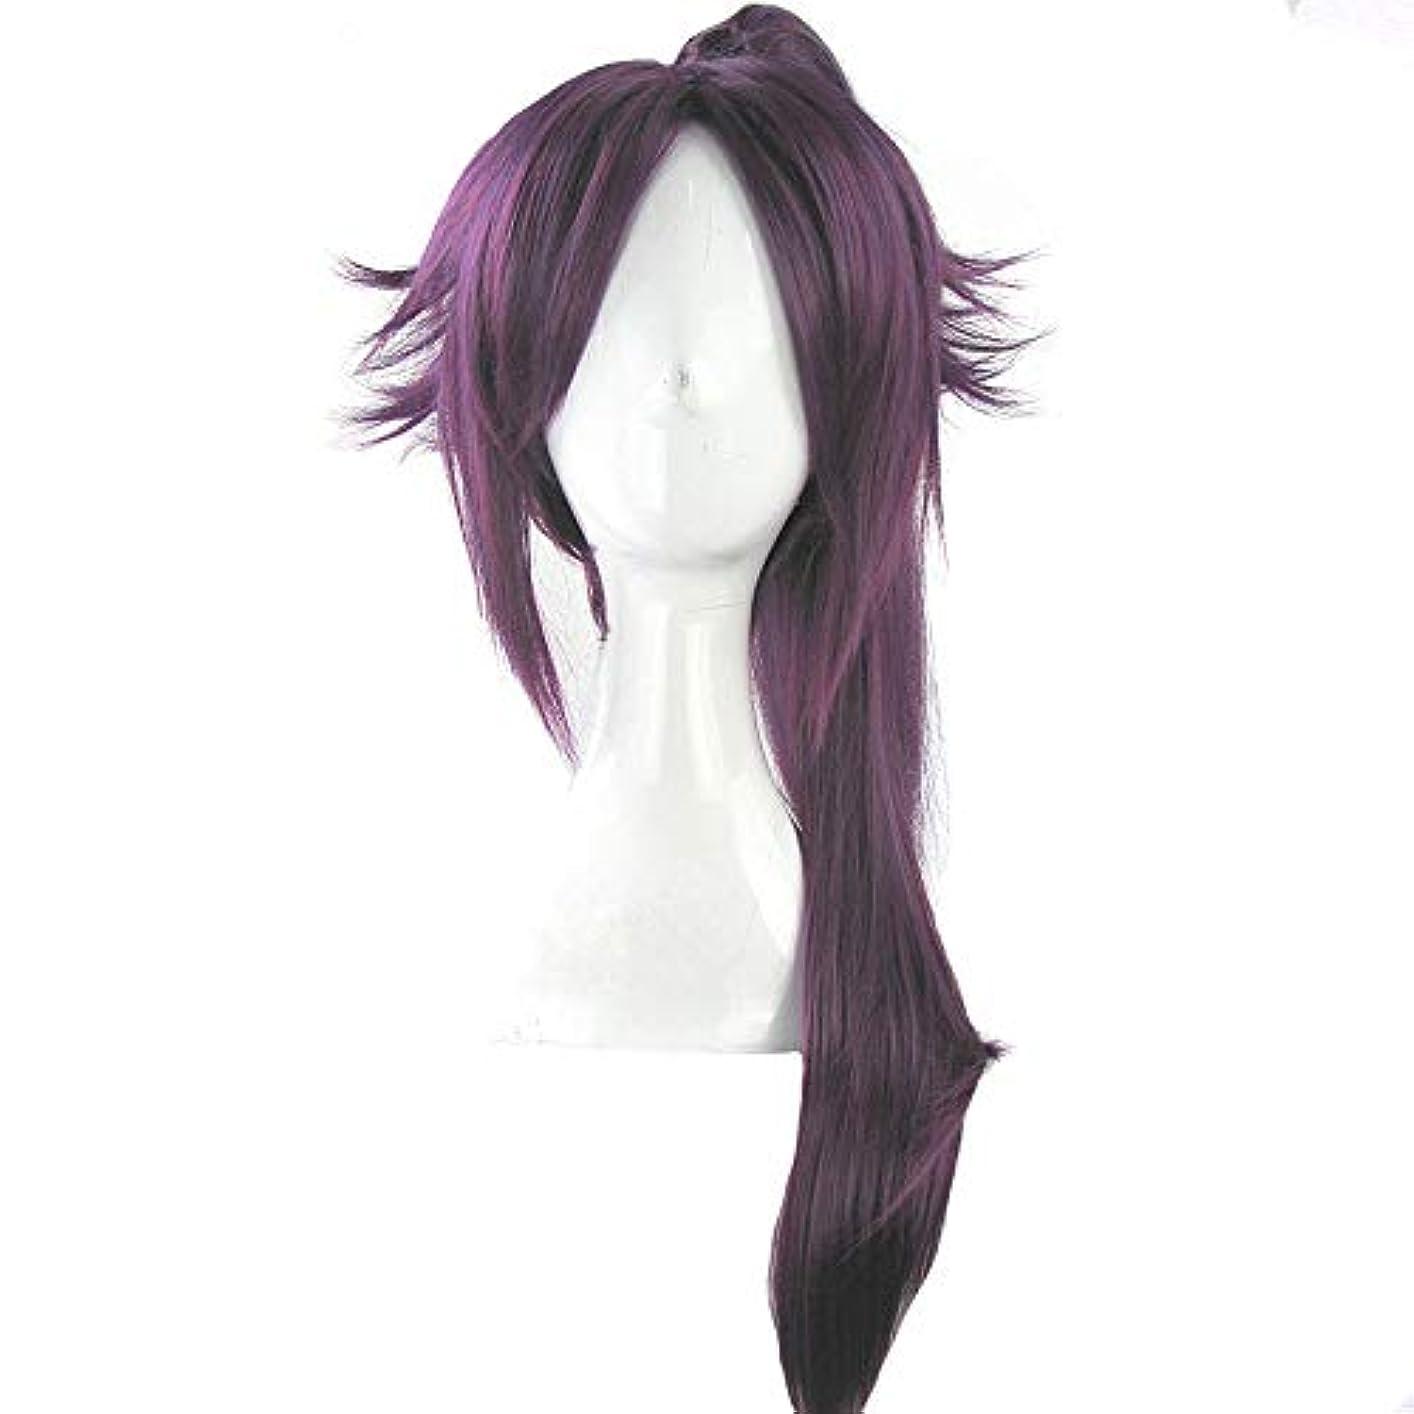 特徴づける鮮やかな骨折かつら - ファッション長いストレート高温シルクウィッグ自然な柔らかなパーソナリティポニーテールフリー形状ハロウィーンボールの役割を果たす70cmの紫色に適して (色 : Purple, サイズ さいず : 70cm)